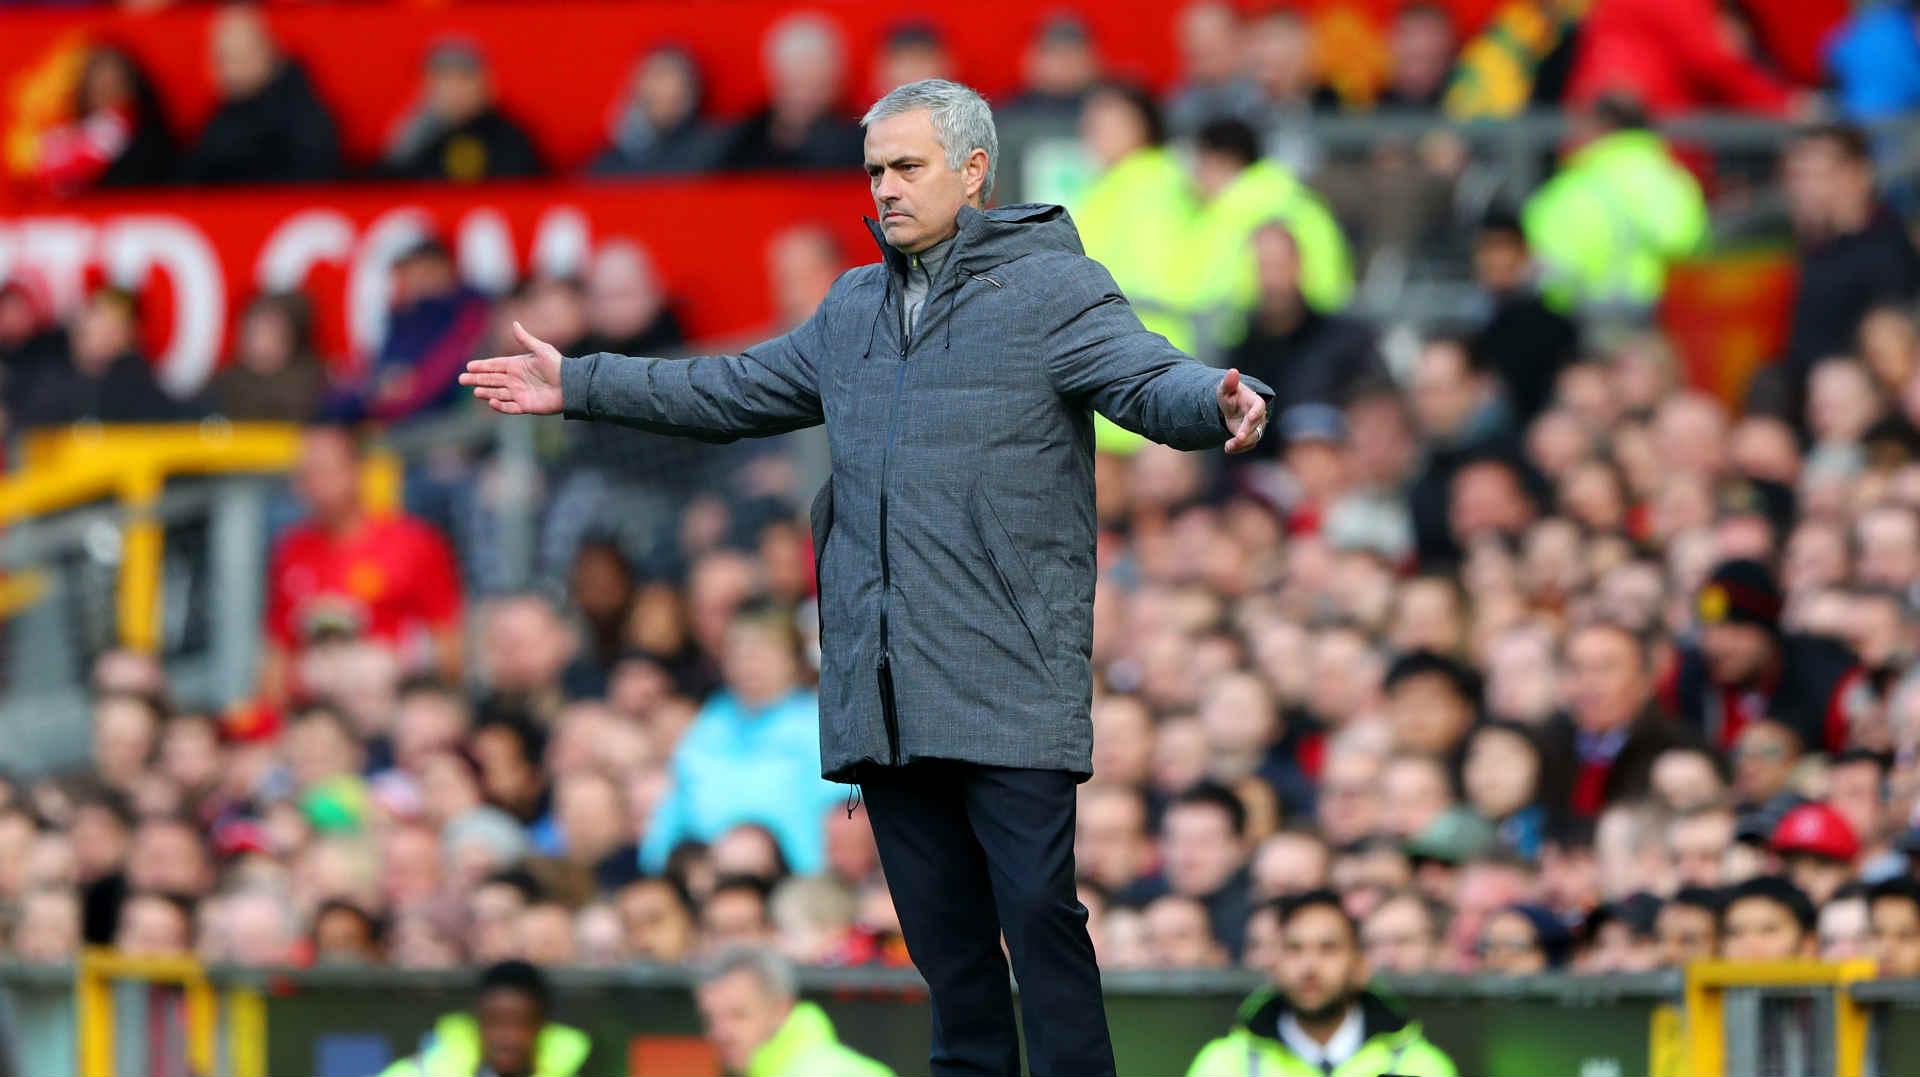 Fußball - Manchester United 1:1 gegen FC Everton